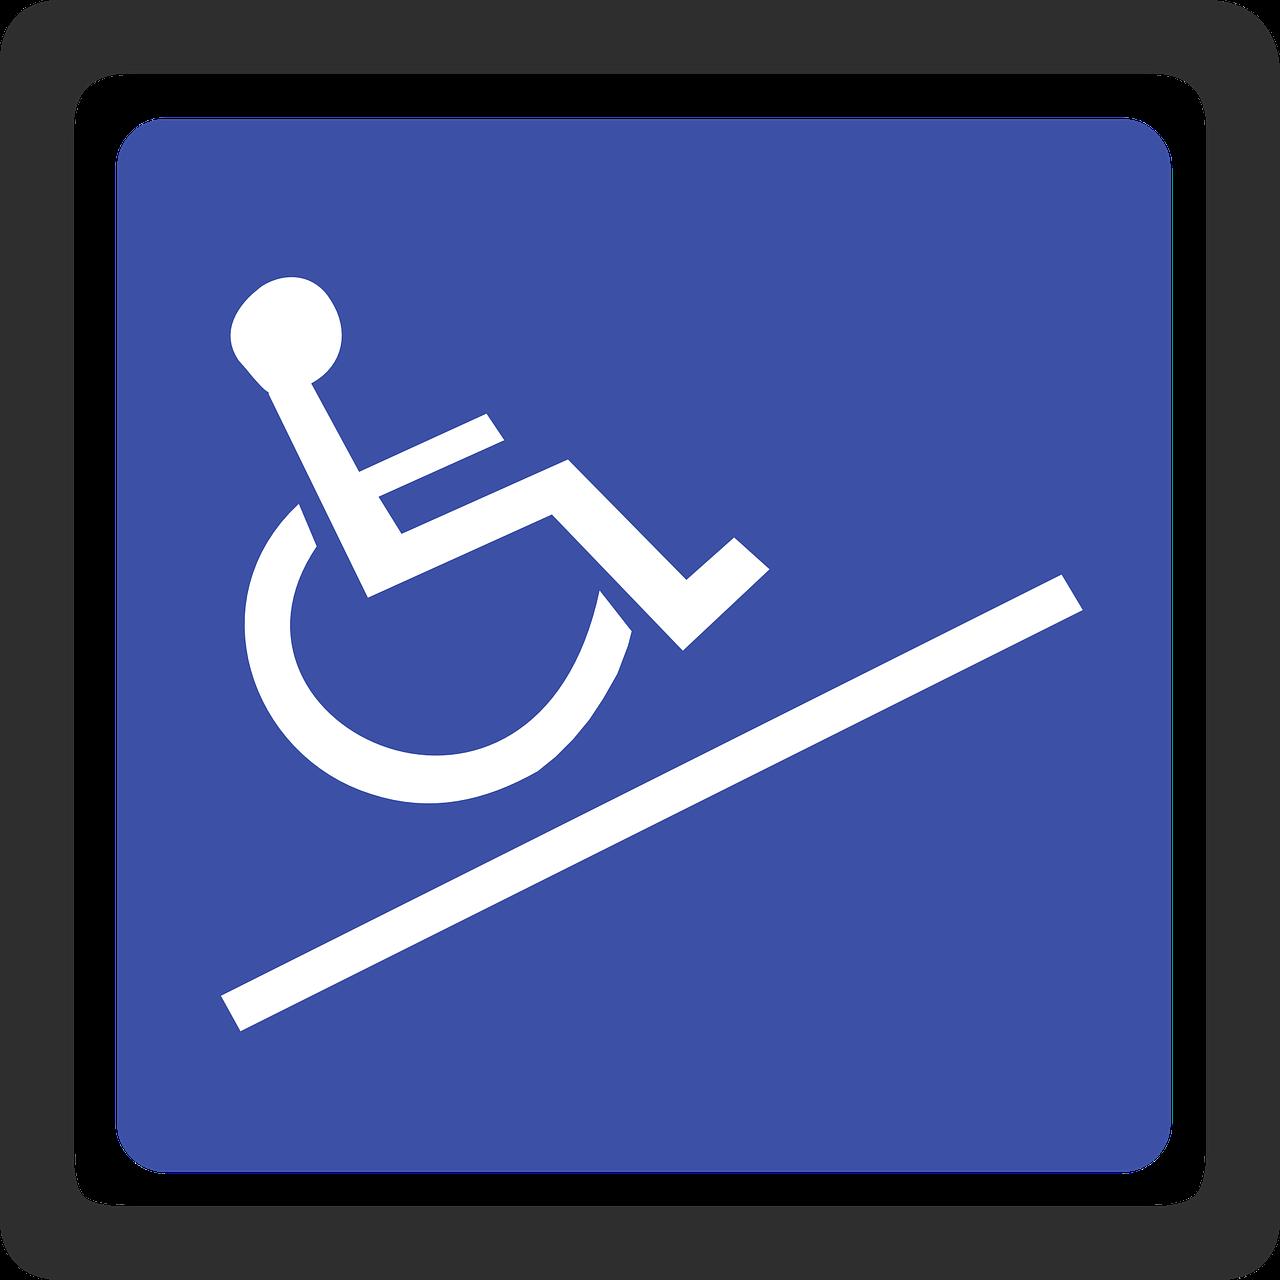 Aalstlaan Steunpunt Van instellingen gehandicaptenzorg verstandelijk gehandicapten kliniek review